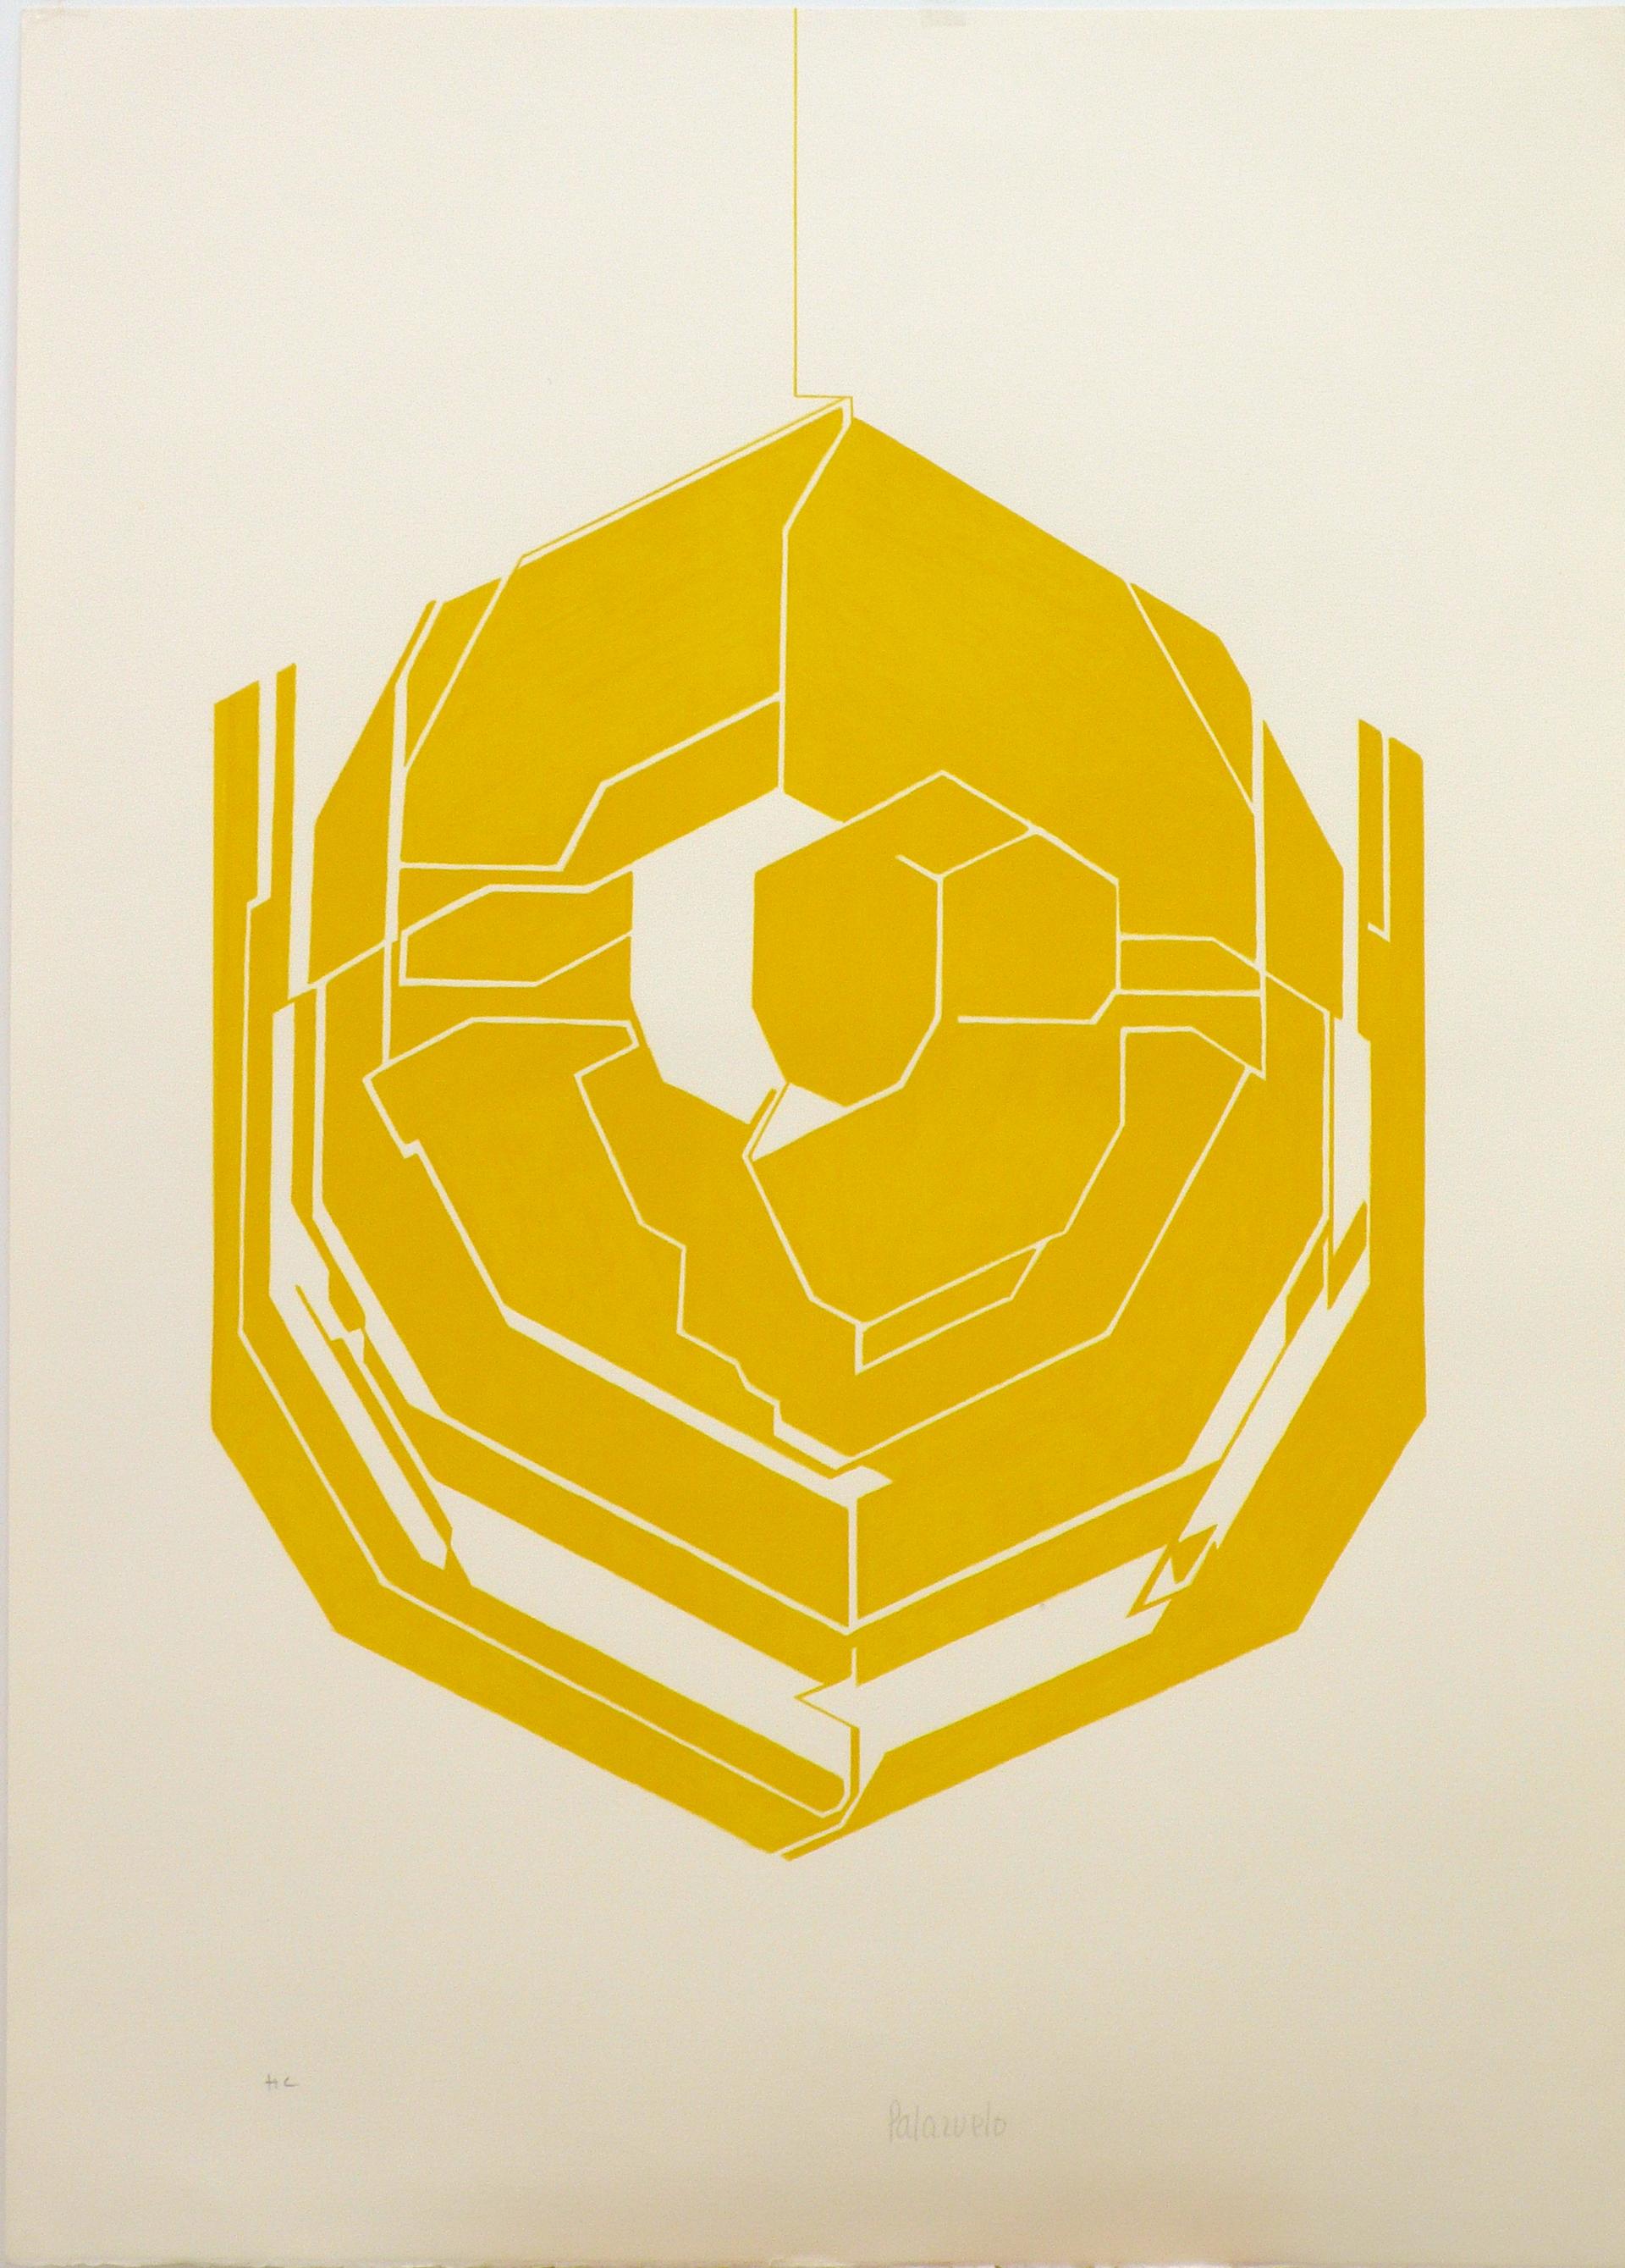 """Obra gráfica """"Emblema I"""" de Pablo Palazuelo. Litografía sobre papel. 1980"""